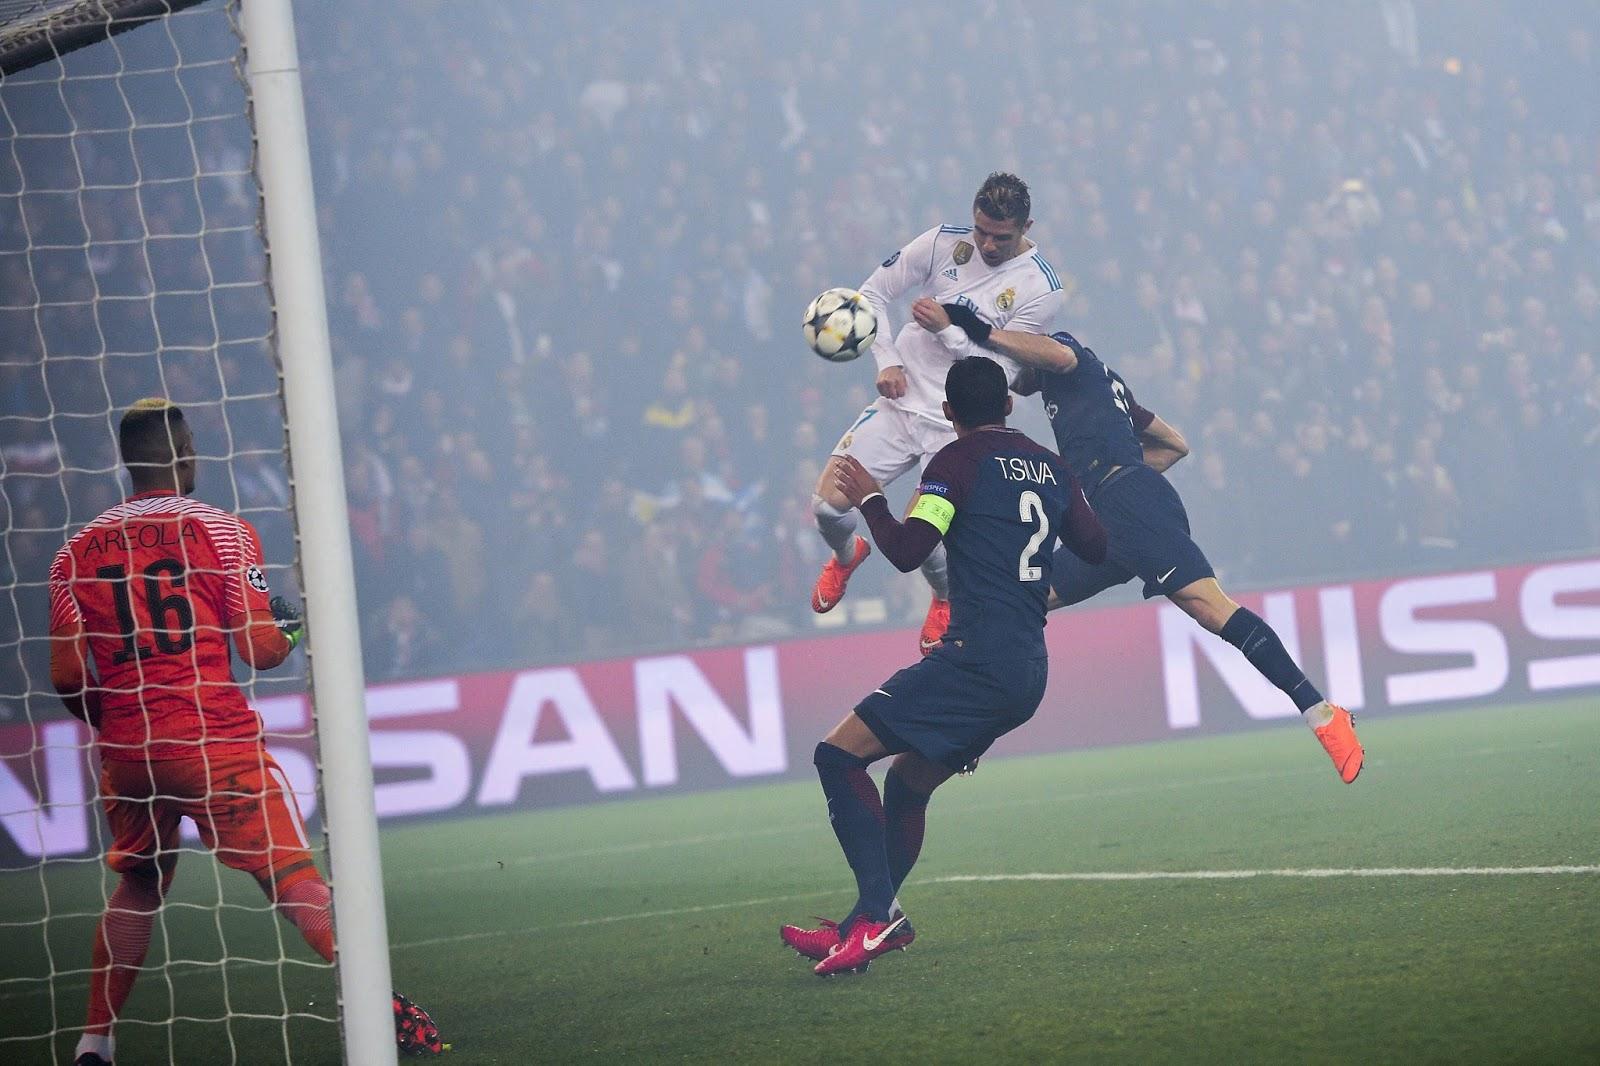 Falta hacía que el Madrid congelase París con todo lo que había ardido.  Espoleado por la humillante derrota contra el Barça el año pasado y por la  inversión ... 0bcee1768dc40